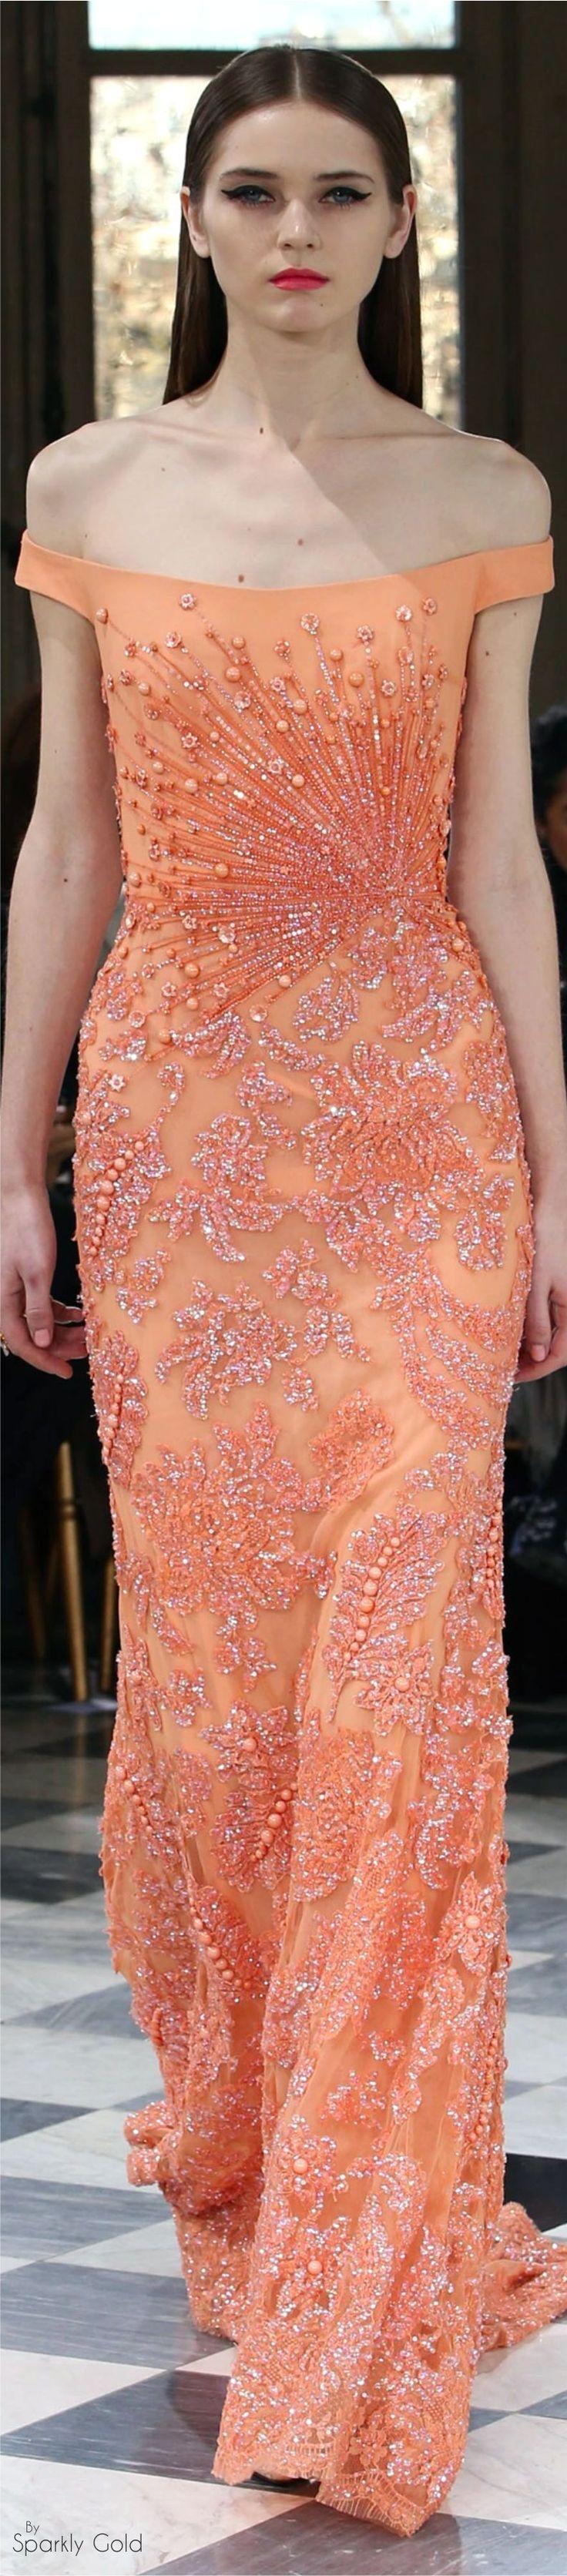 #Farbbberatung #Stilberatung #Farbenreich mit www.farben-reich.com Georges Hobeika Spring 2016 Couture